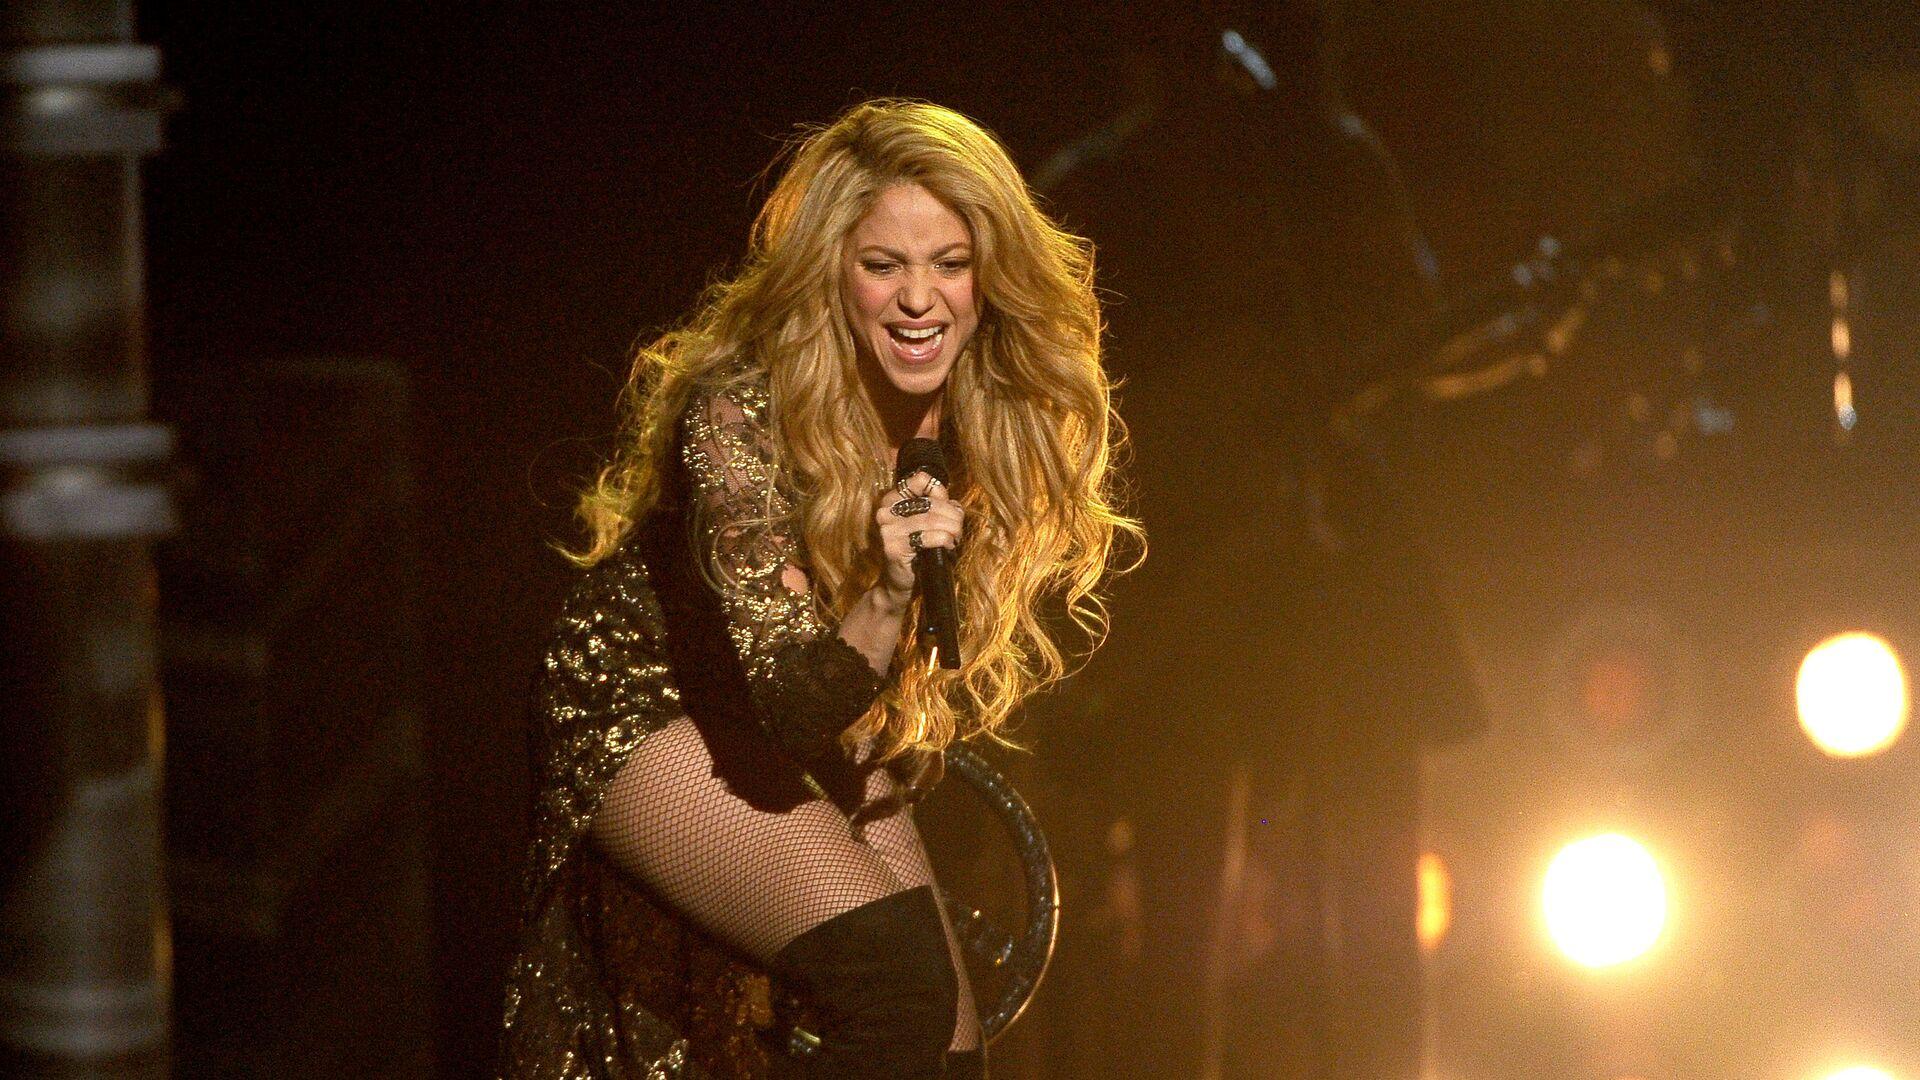 Певица Шакира выступает на вручении наград Billboard Music Awards - РИА Новости, 1920, 18.07.2021